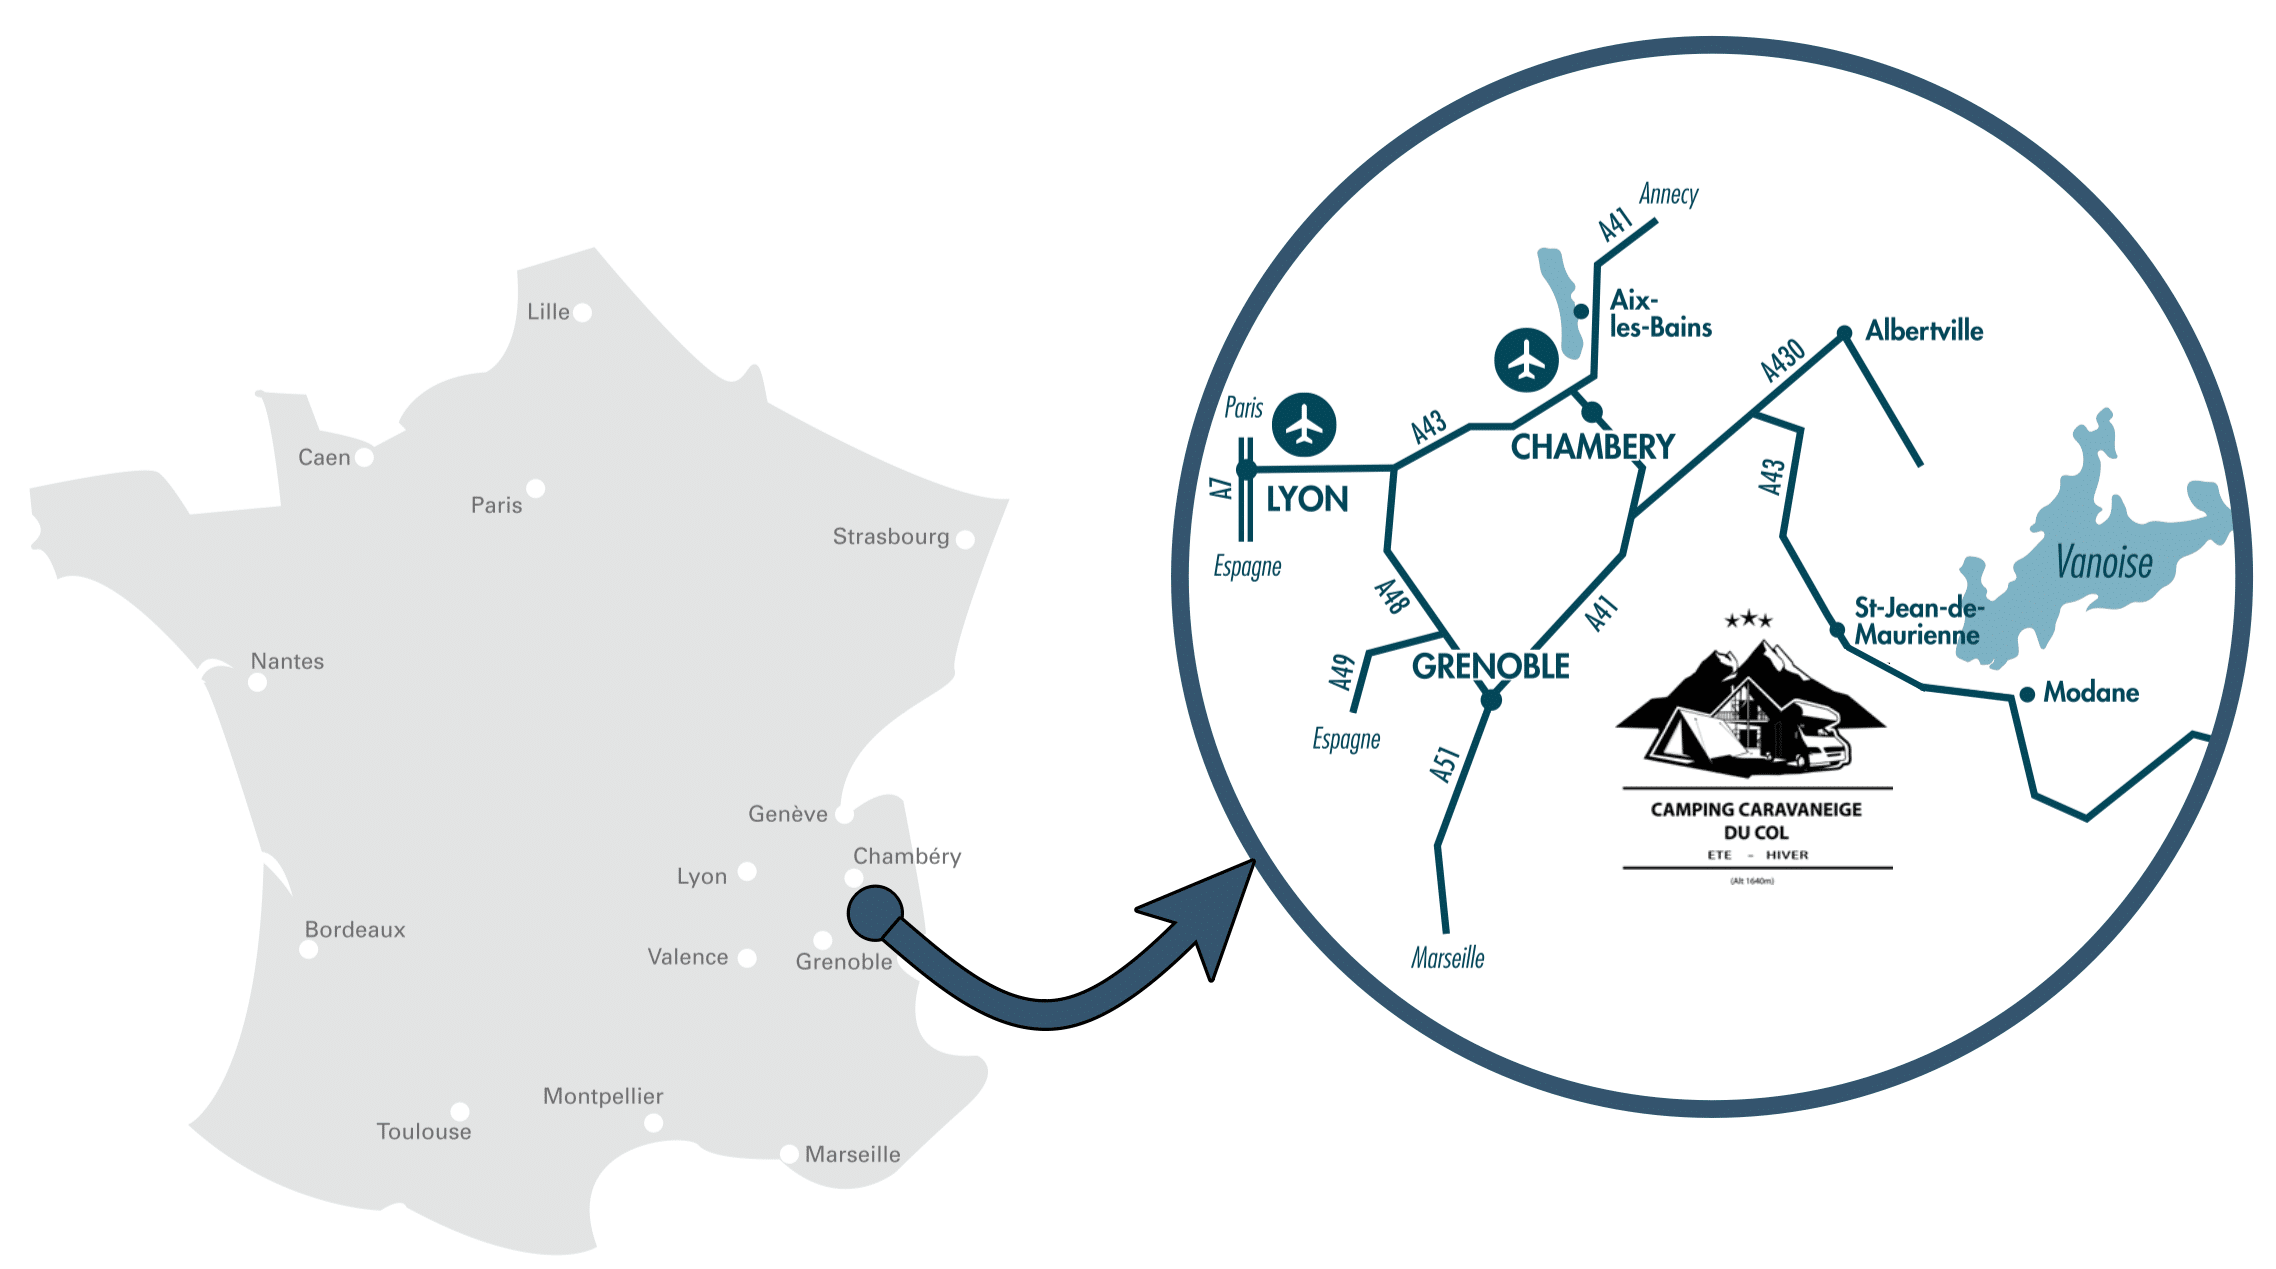 Accès au Camping du Col de la Toussuire les Sybelles